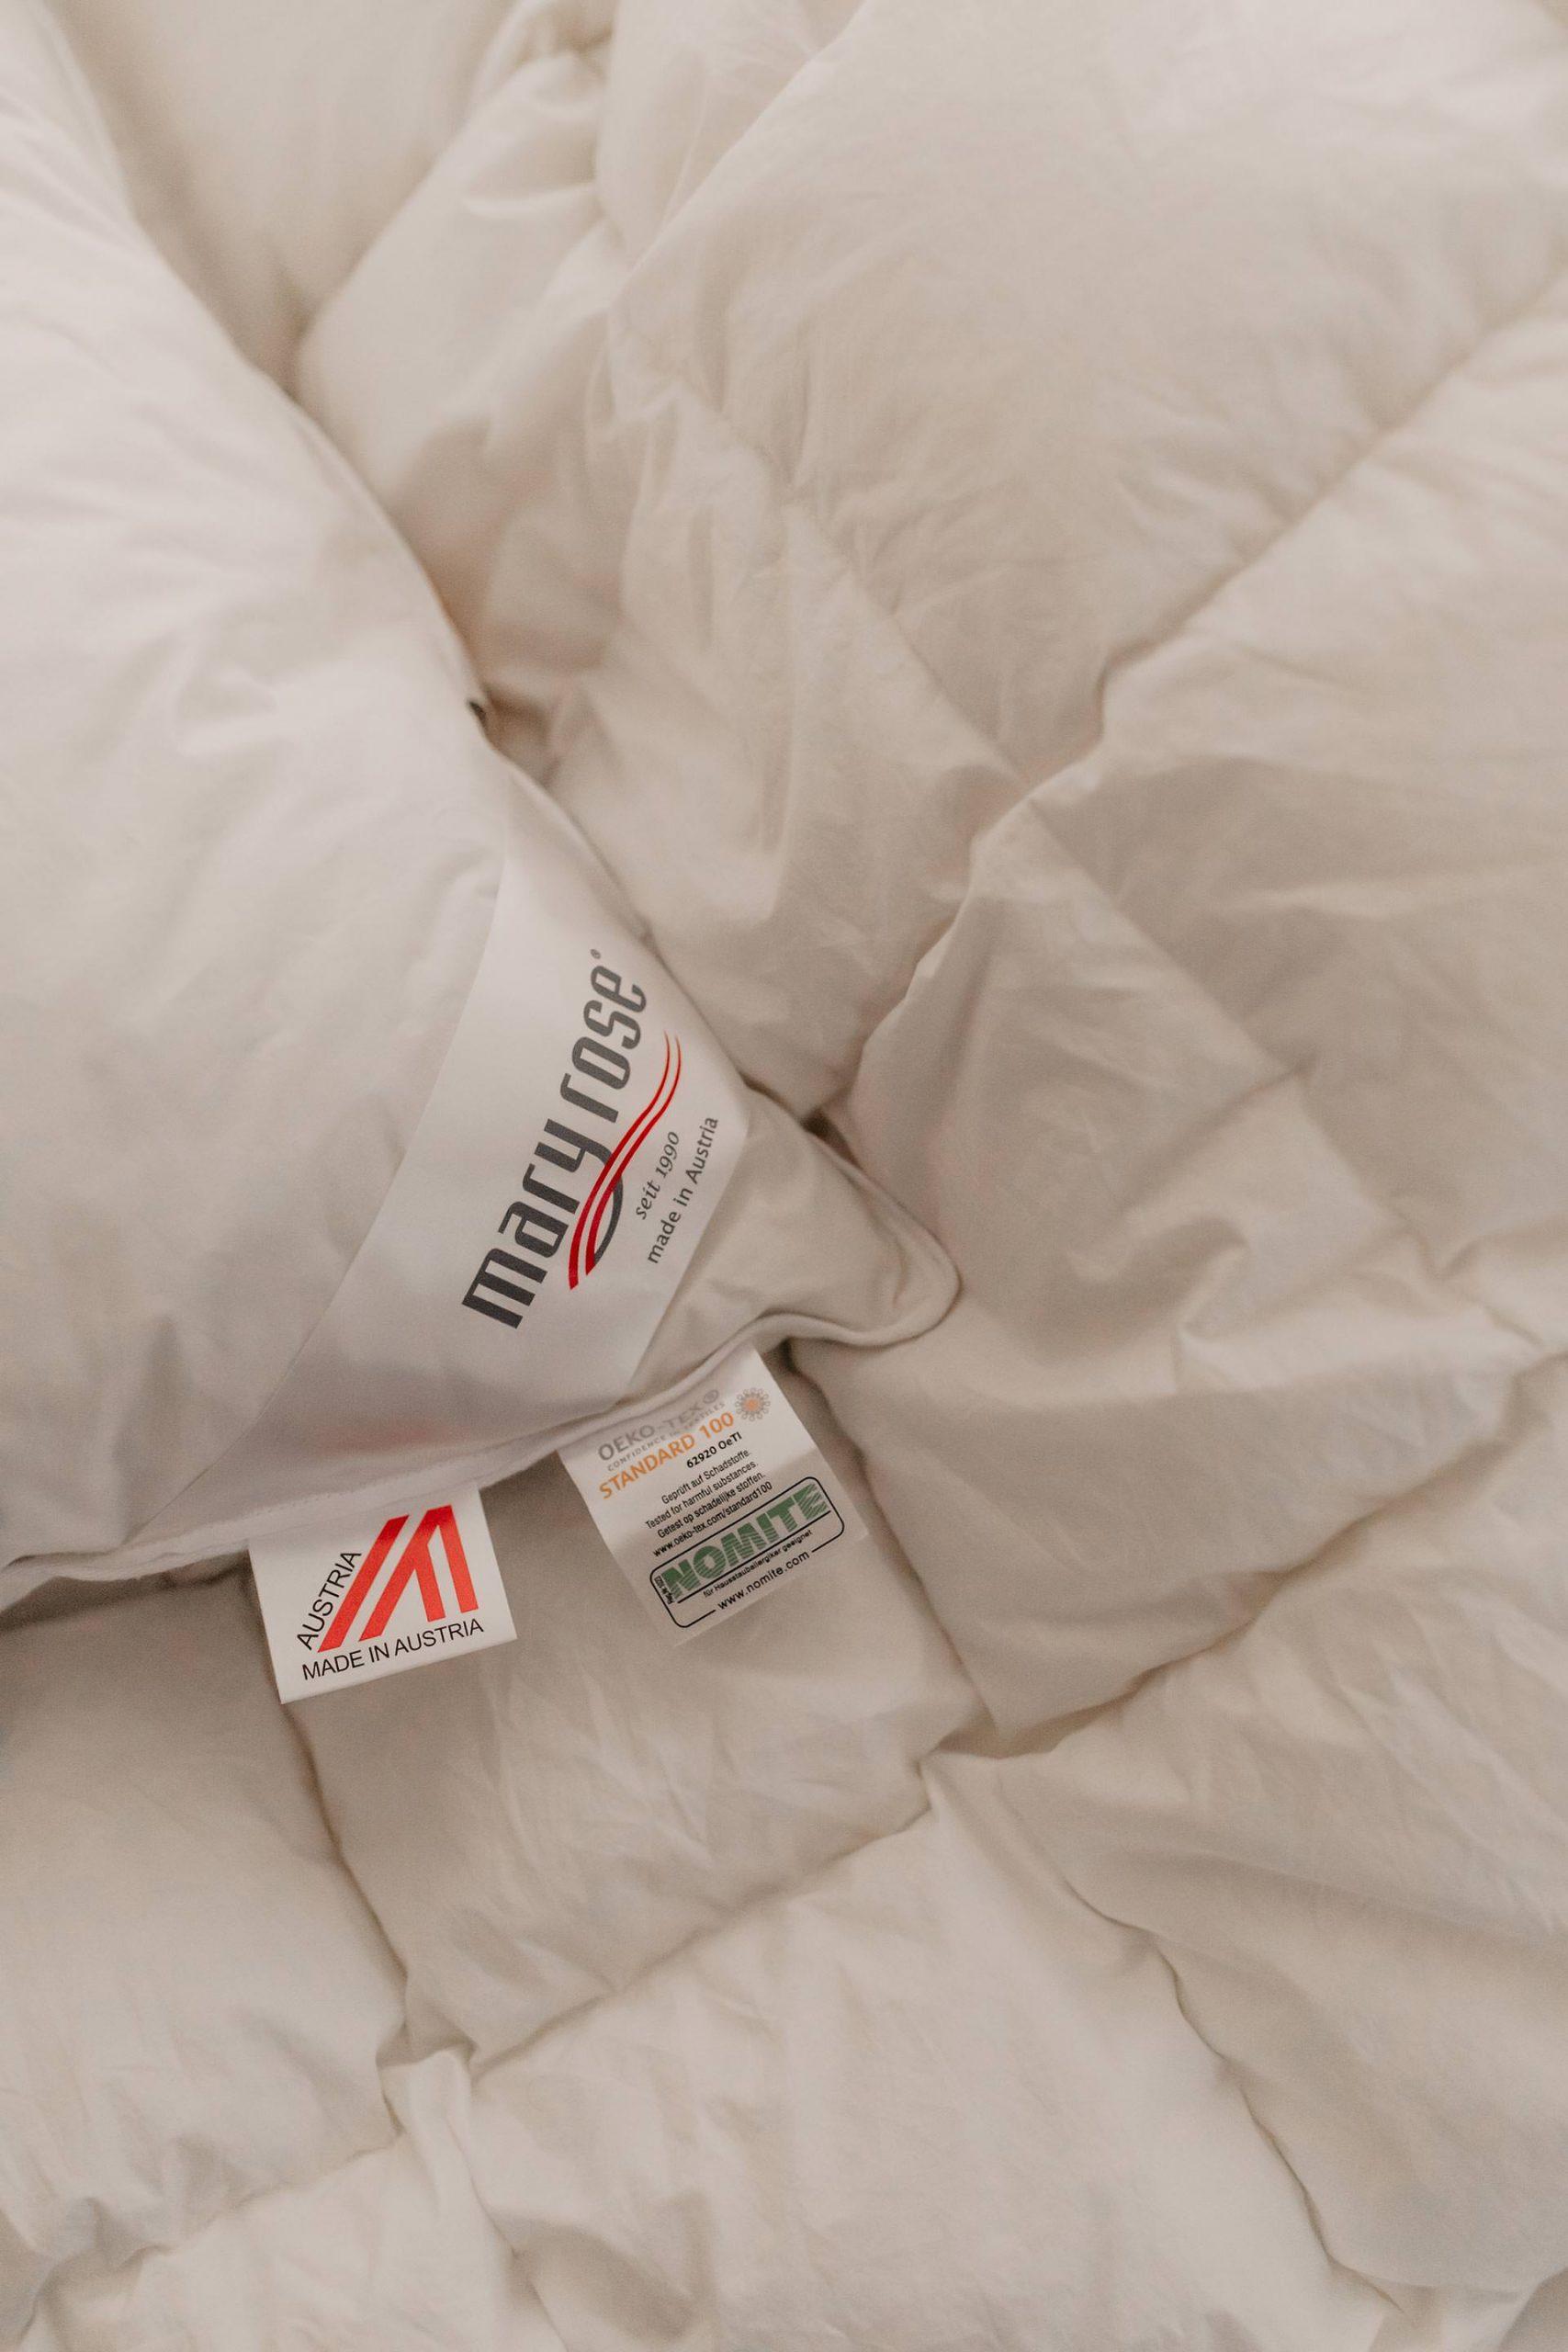 Anzeige. Du kennst das bestimmt auch, wenn es nachts einfach nicht abkühlen will, gefühltjede Schlafposition zu heiß ist und man bei Hitze schlafen muss. Und damit auch du in der Sommerzeit nicht von schlaflosen Nächten geplagt wirst, habe ich direkt7 Tipps für dich, wie du trotz Hitze gut schlafen kannst! www.whoismocca.com